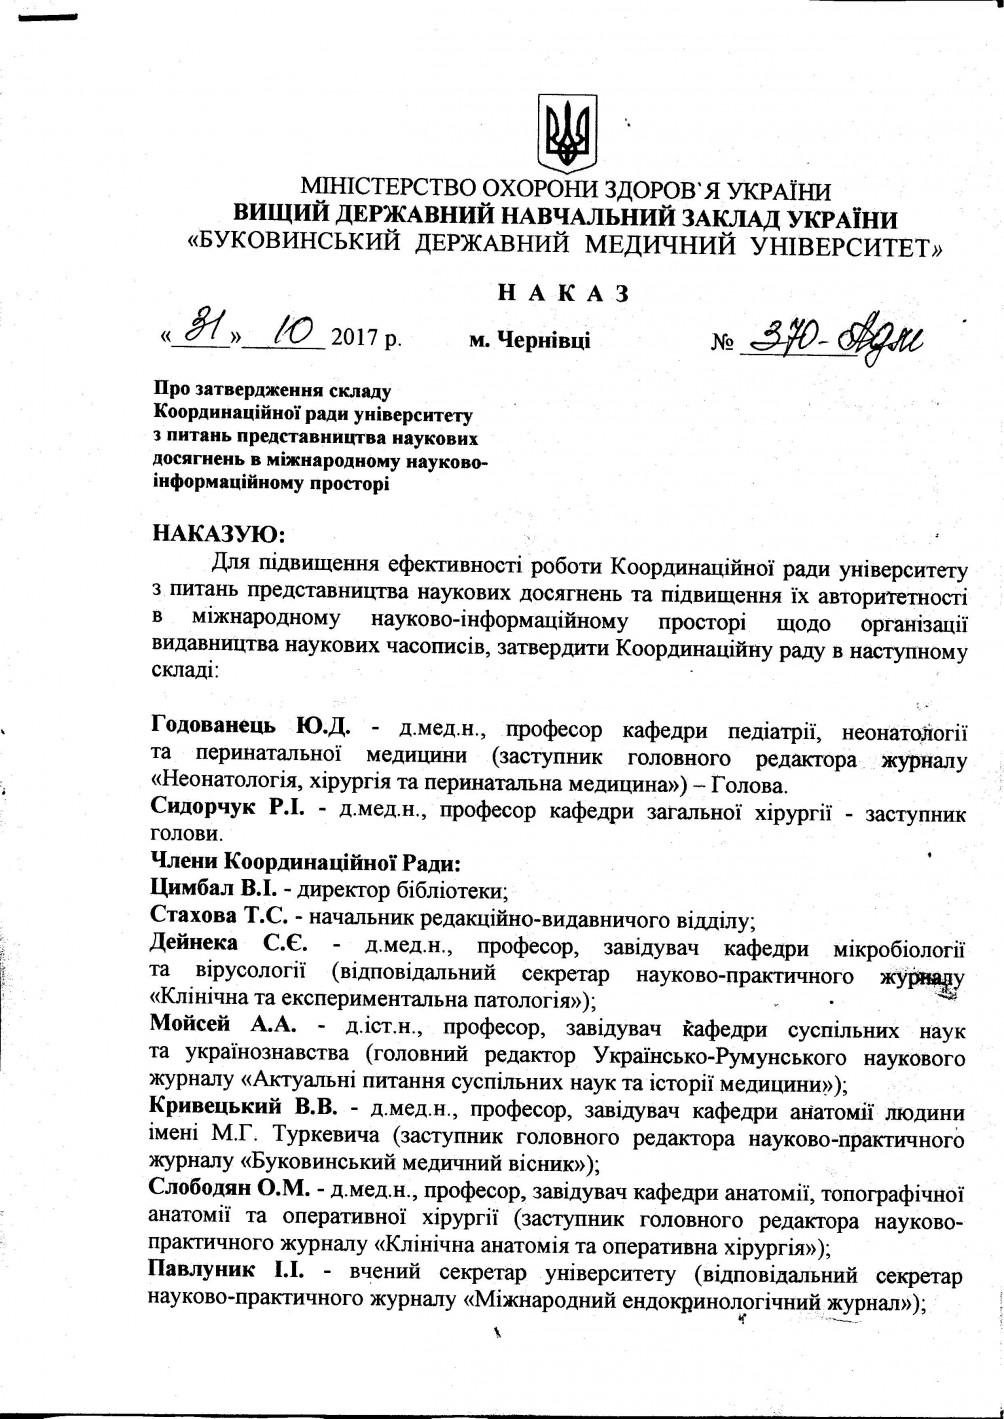 370-Адм_Страница_1